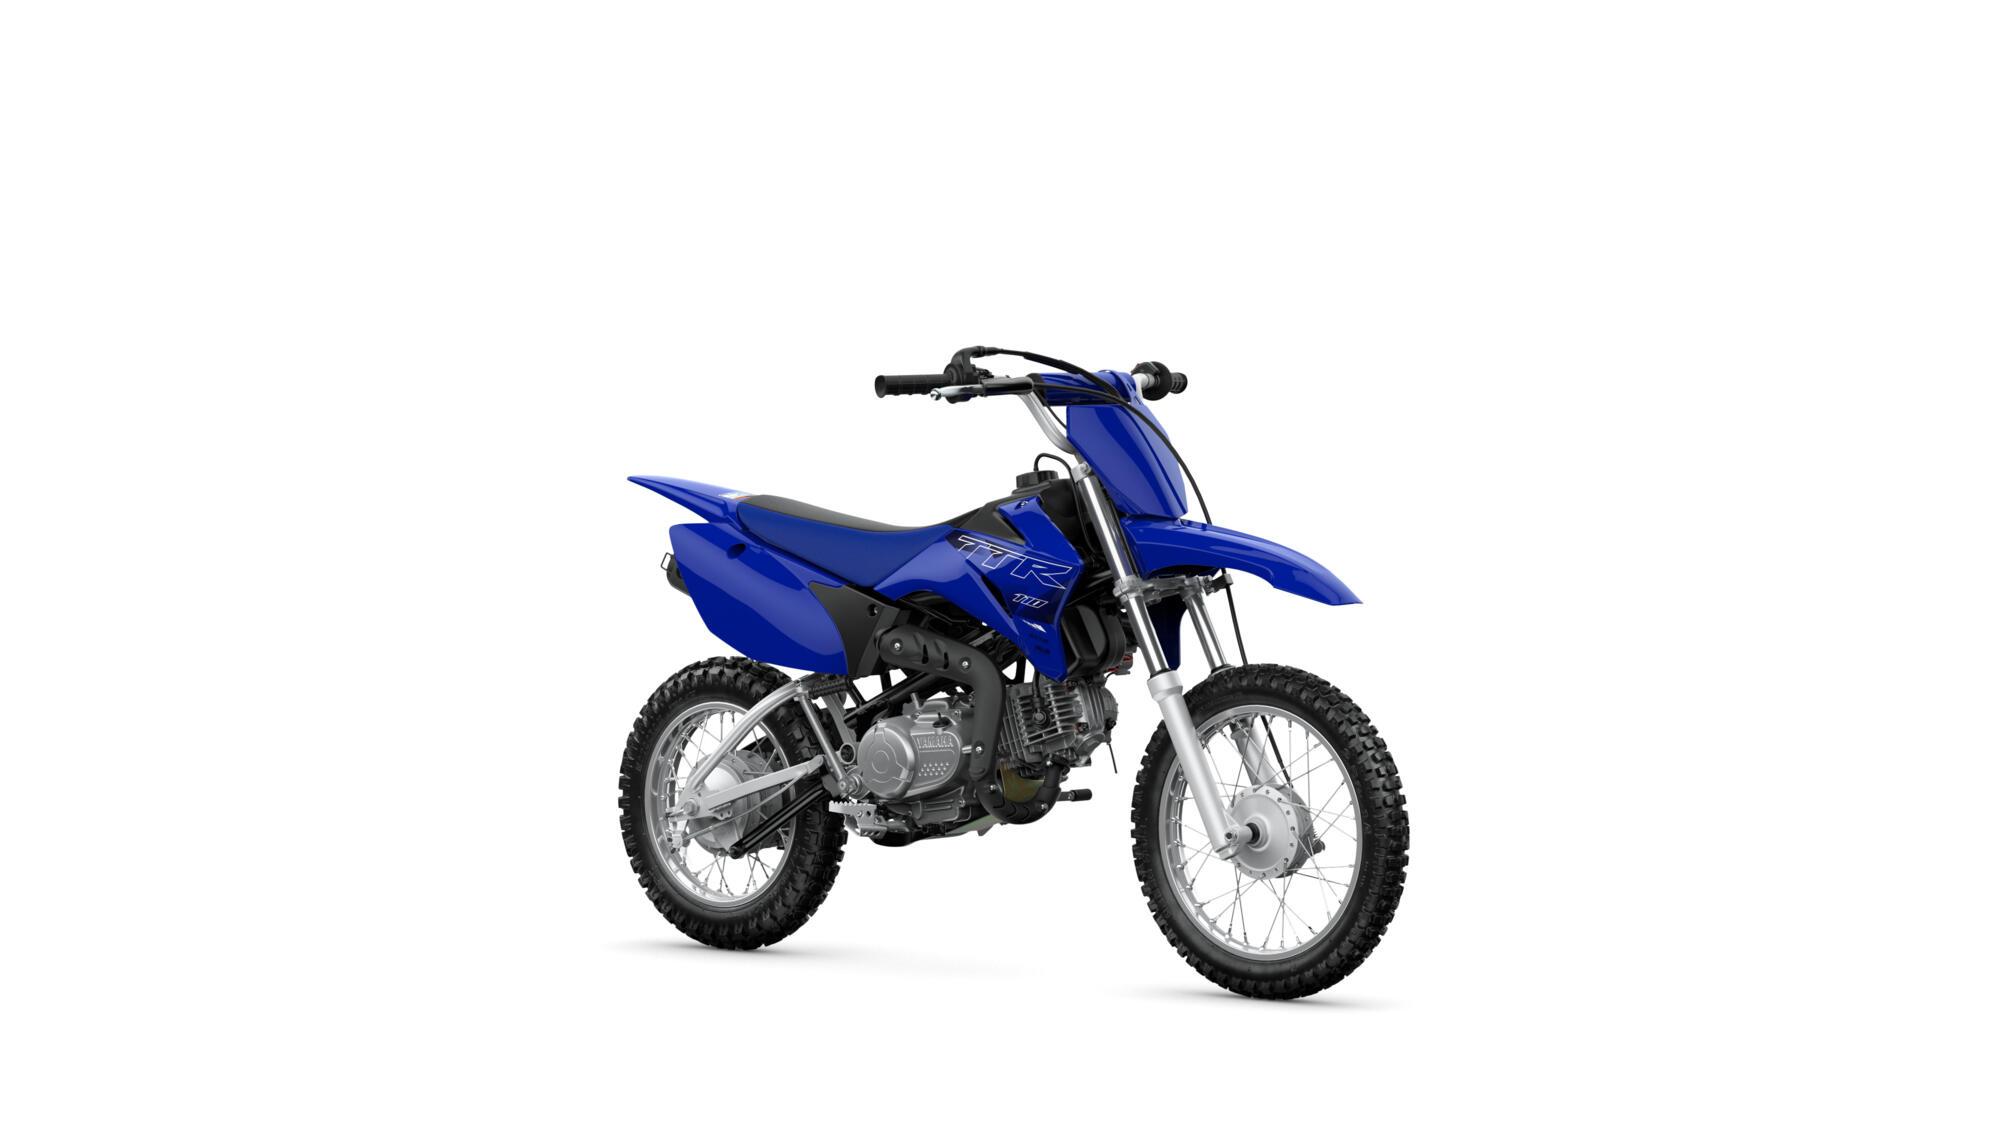 TT-R110